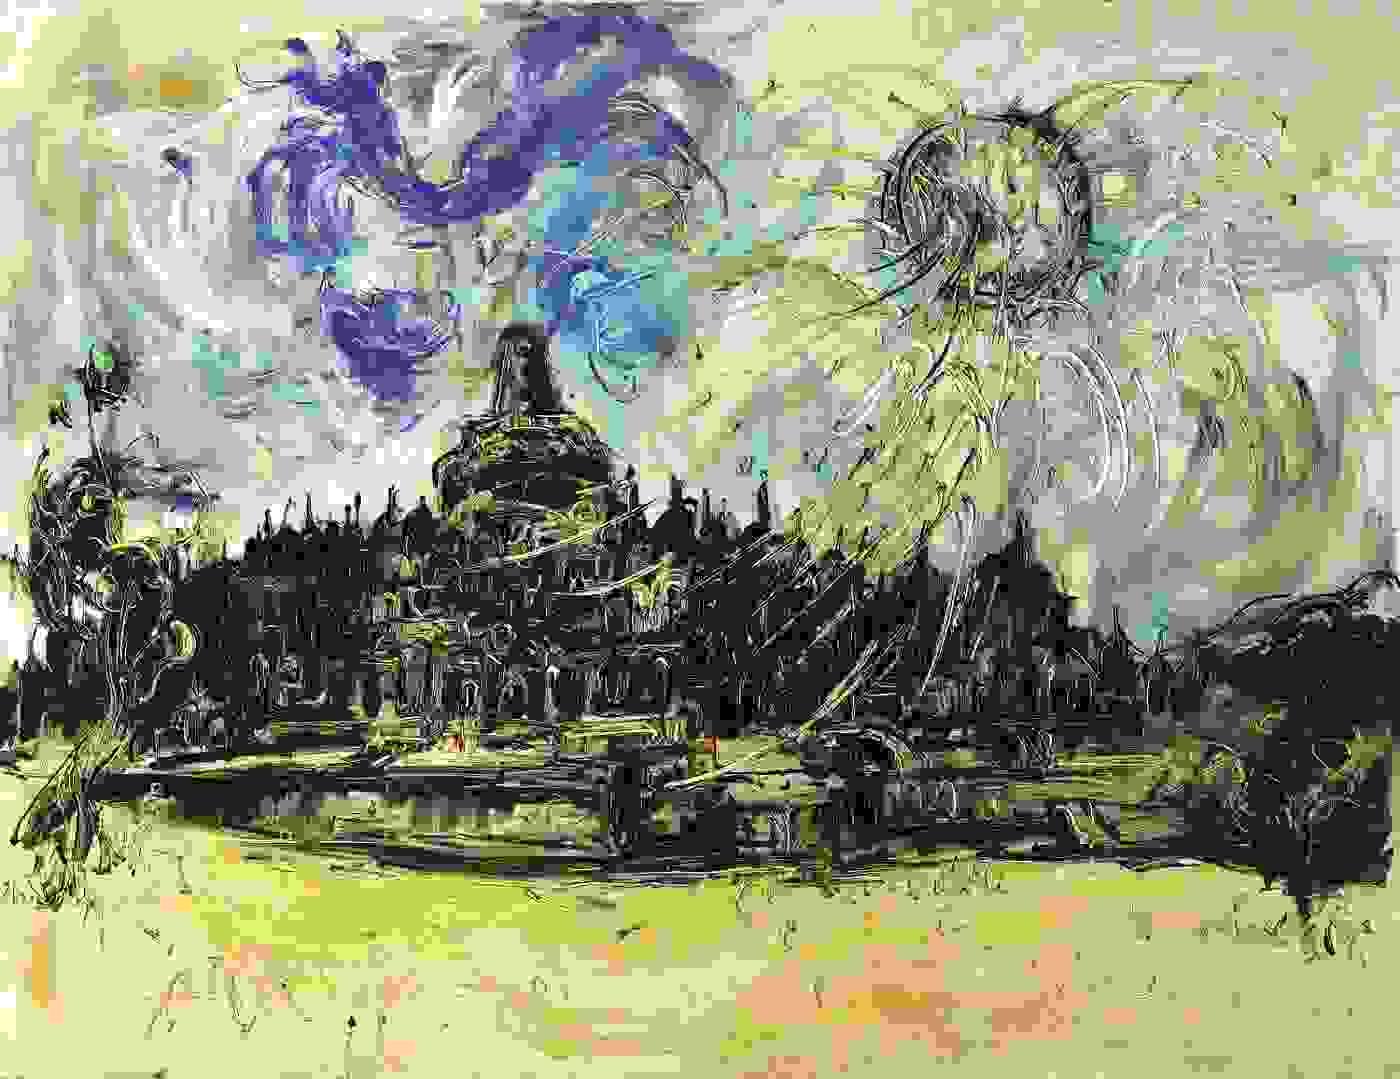 <em>Borobudur and The Sun </em>by Affandi | Source: sothebys.com